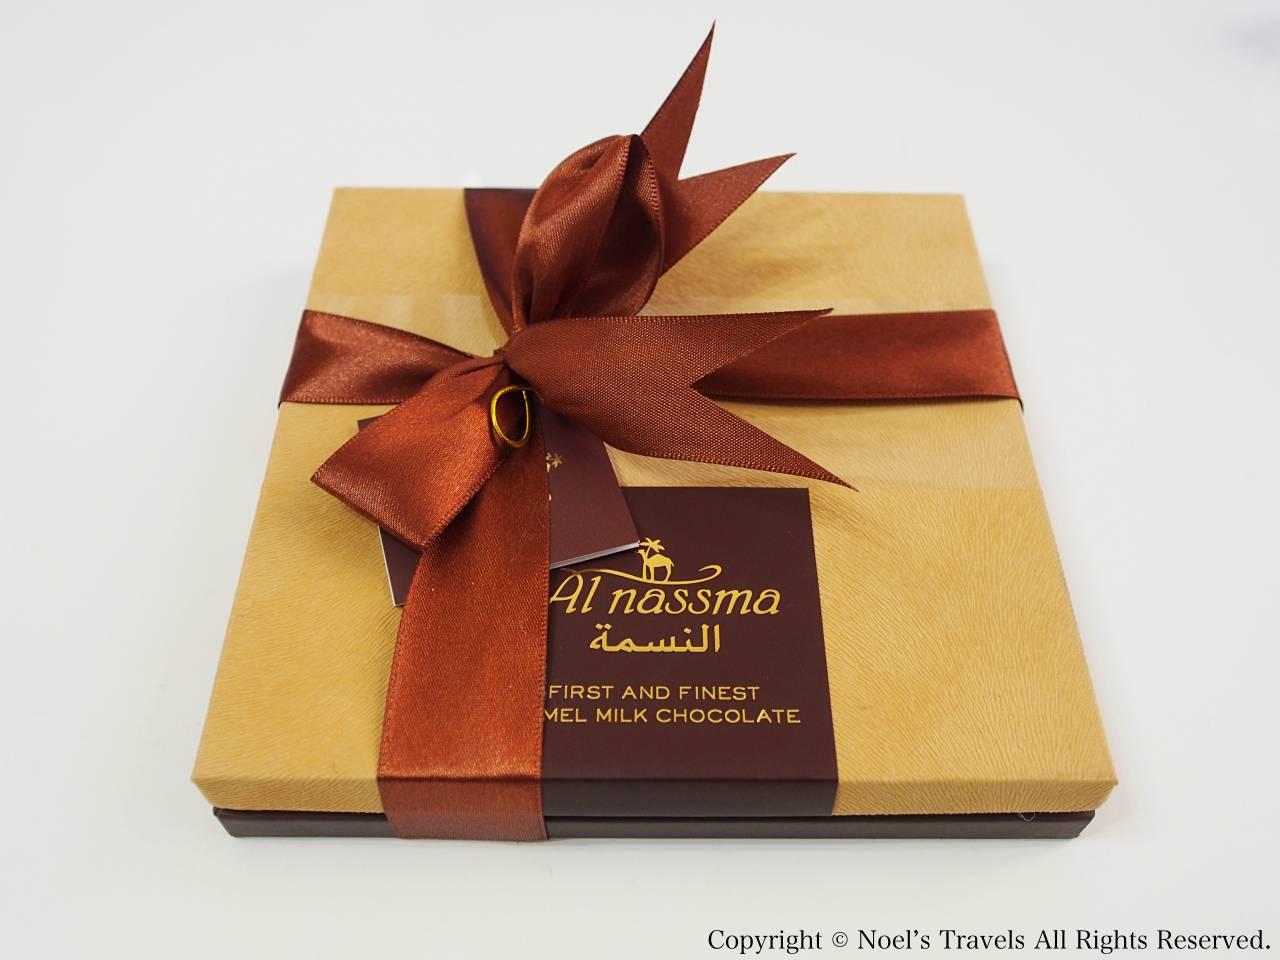 モロッコのチョコレート